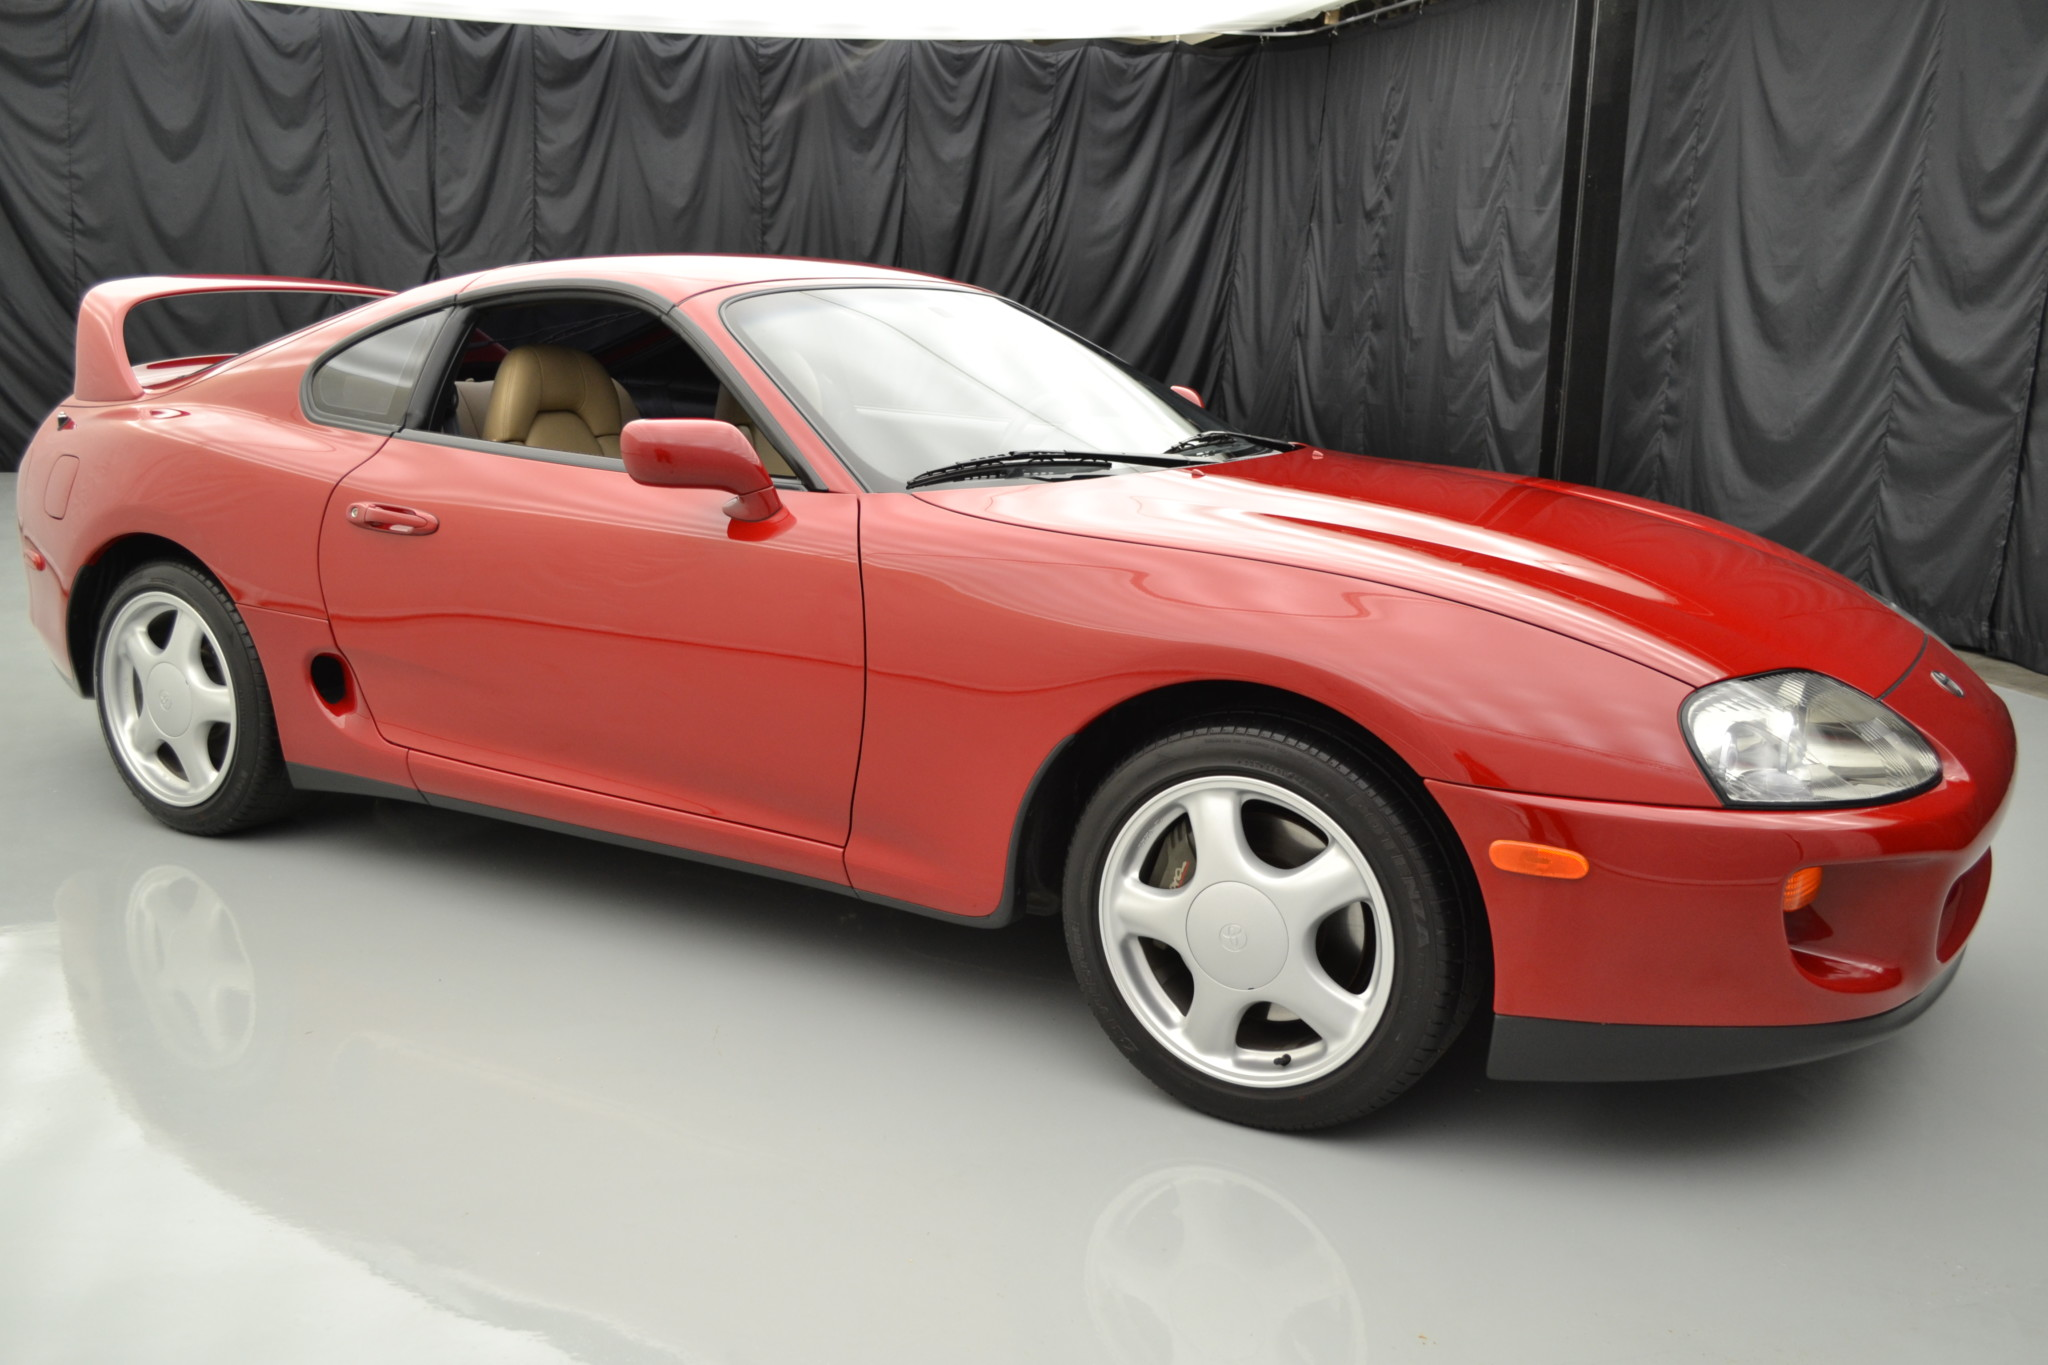 1994 Toyota Supra Twin Turbo 6-speed